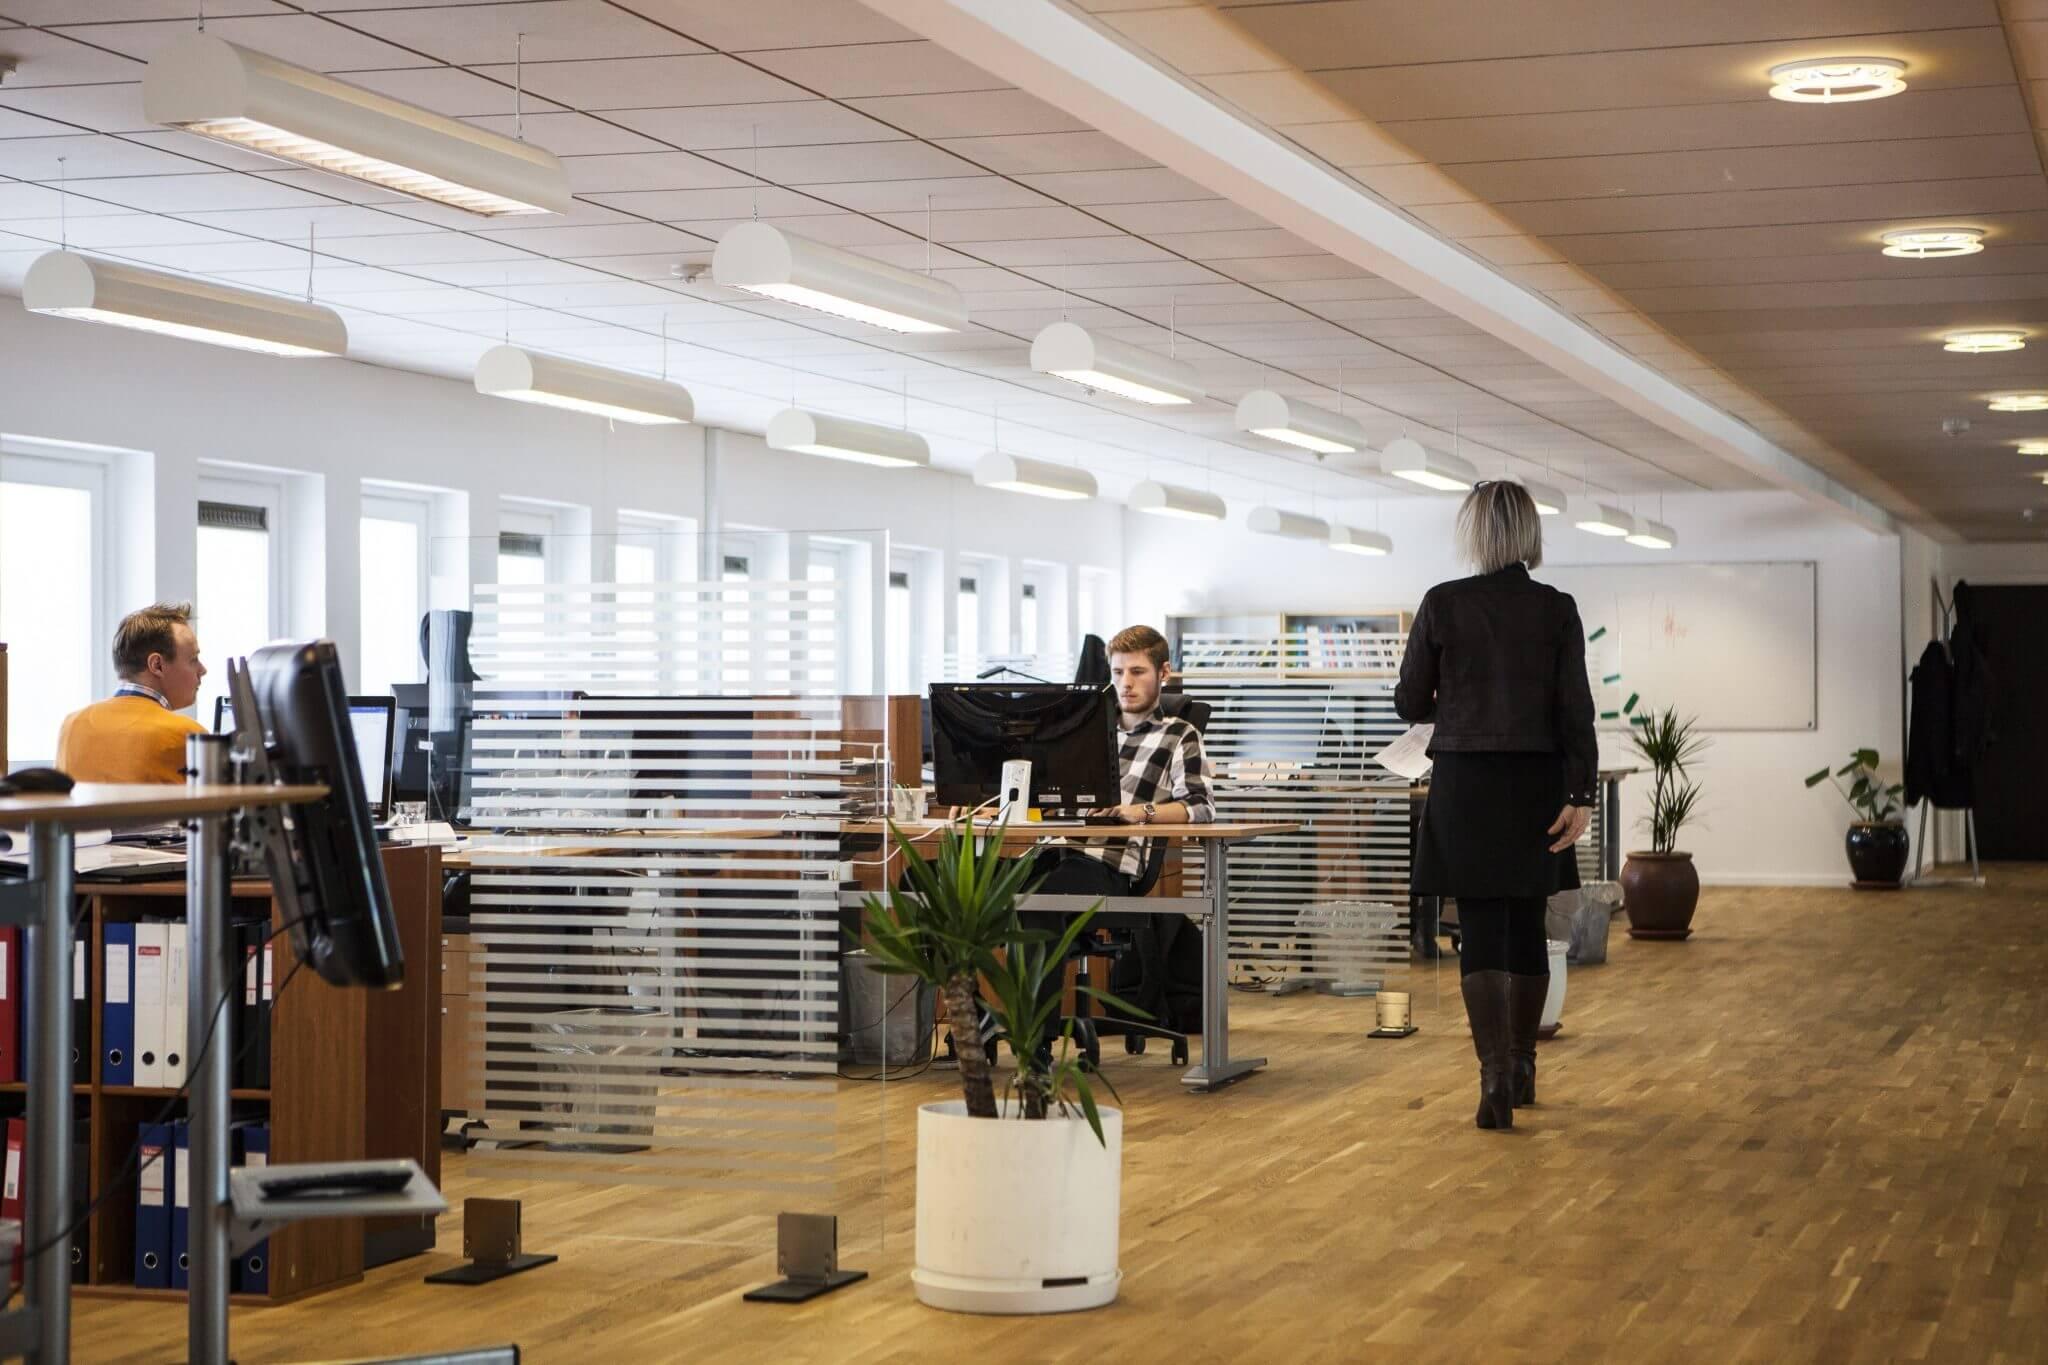 bedriftsflytting, kontorflytting, flyttefirma, flyttefirma sandnes, flytting lagring, renholdstjenester.